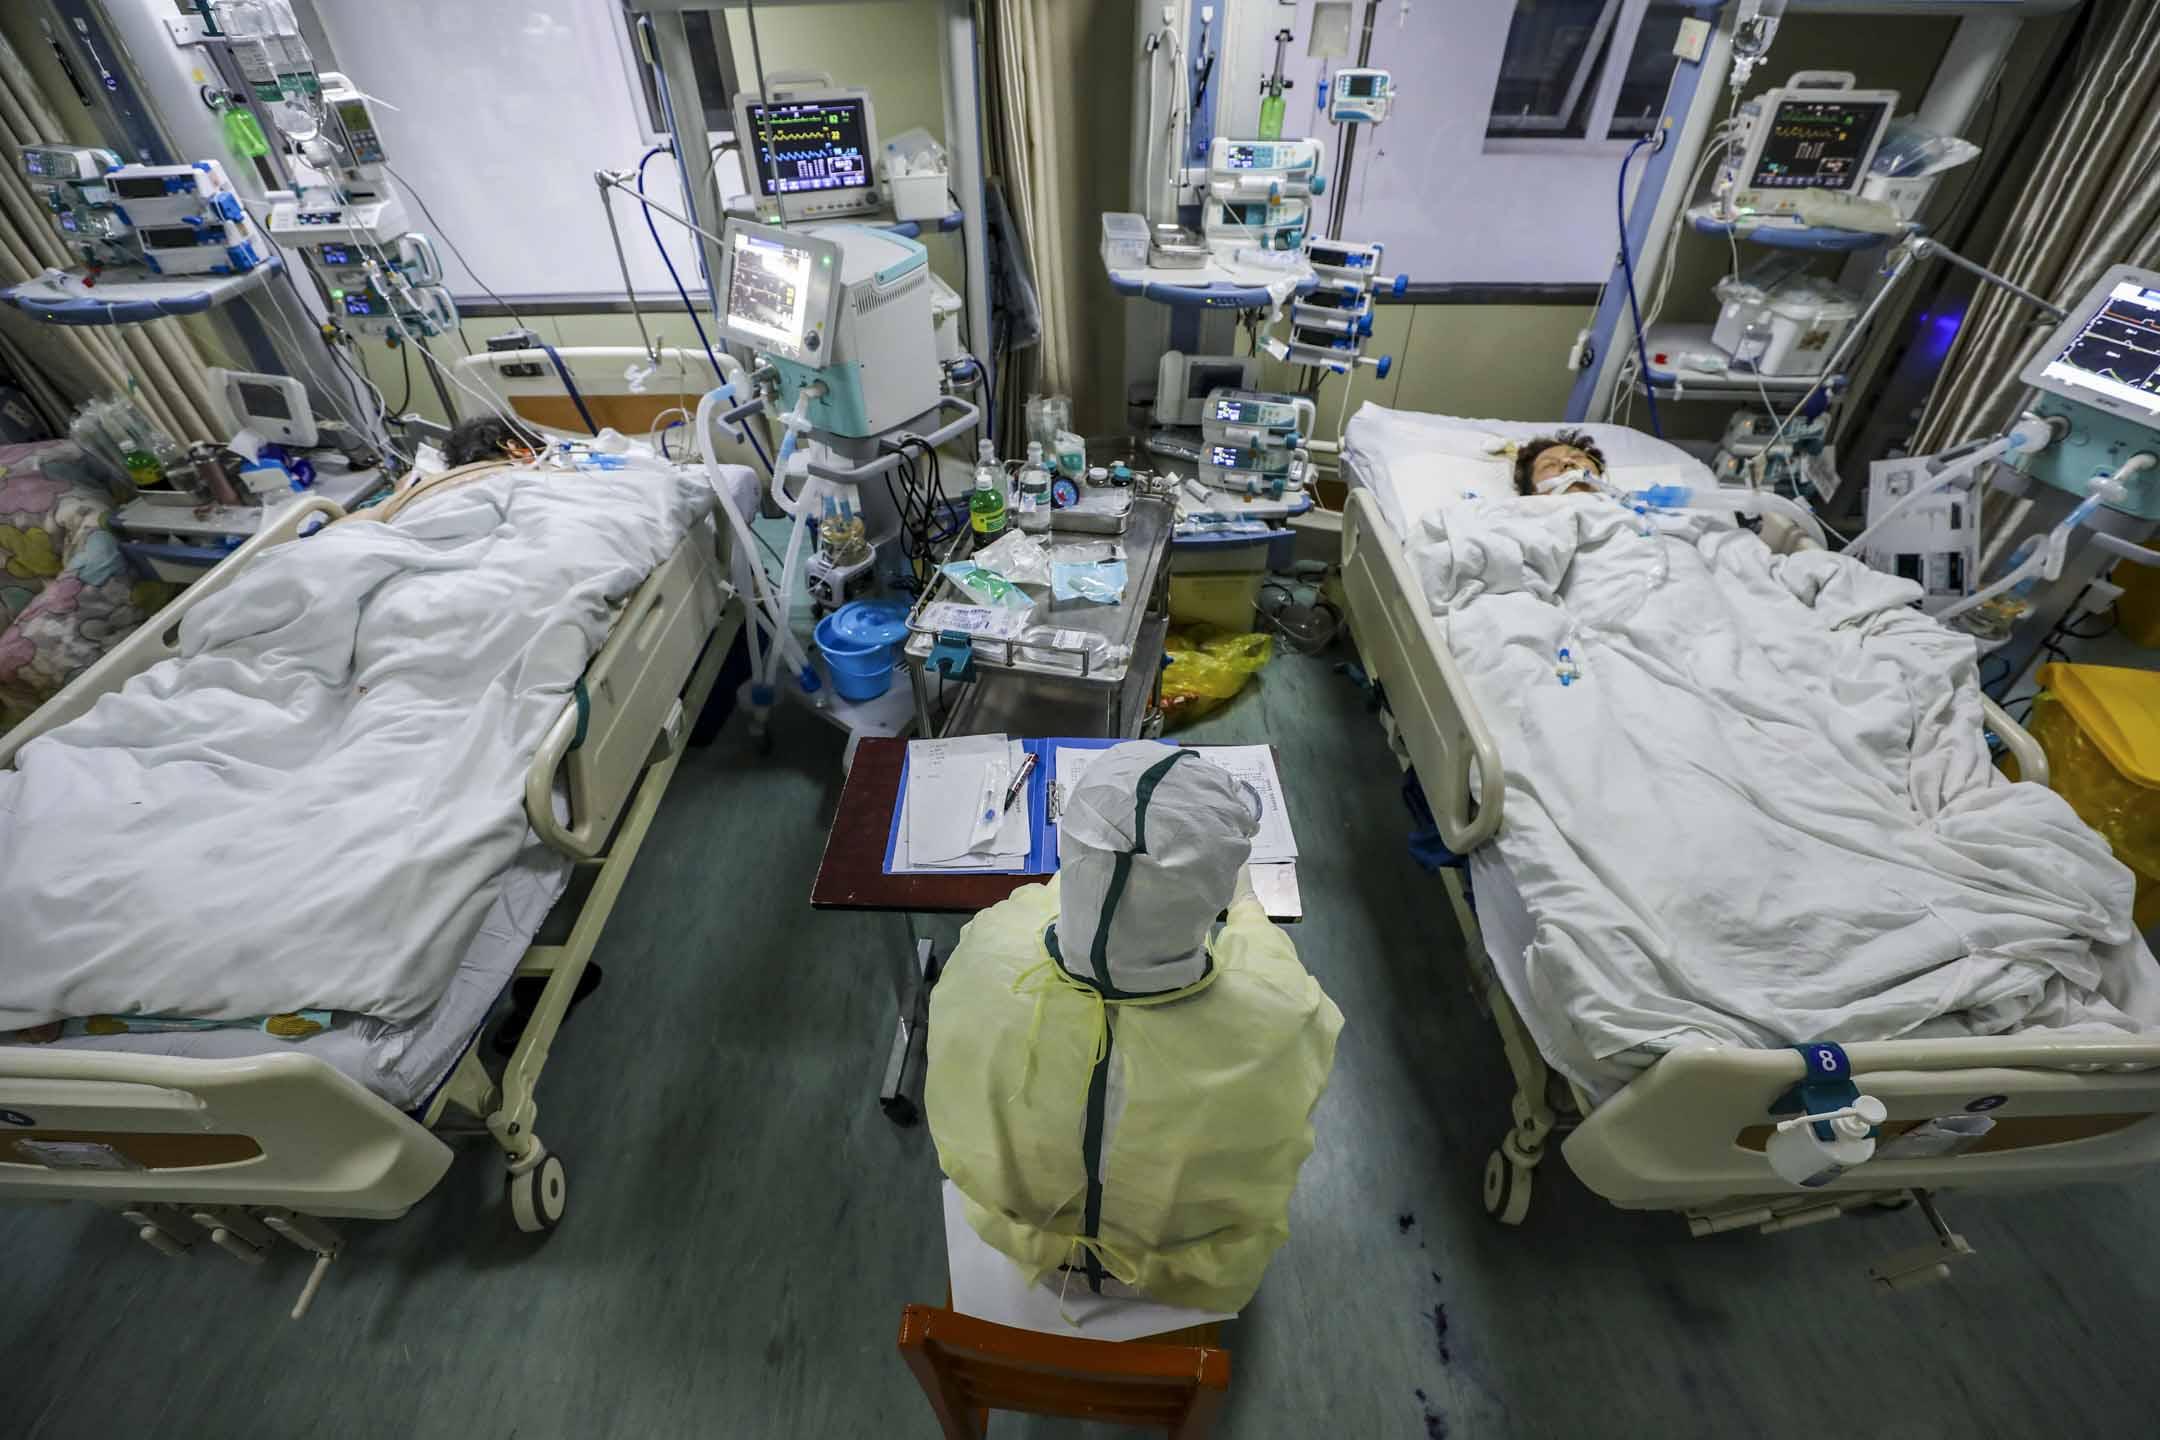 2020年2月6日,武漢一家醫院的隔離病房內。 攝:Feature China/Barcroft Media via Getty Images